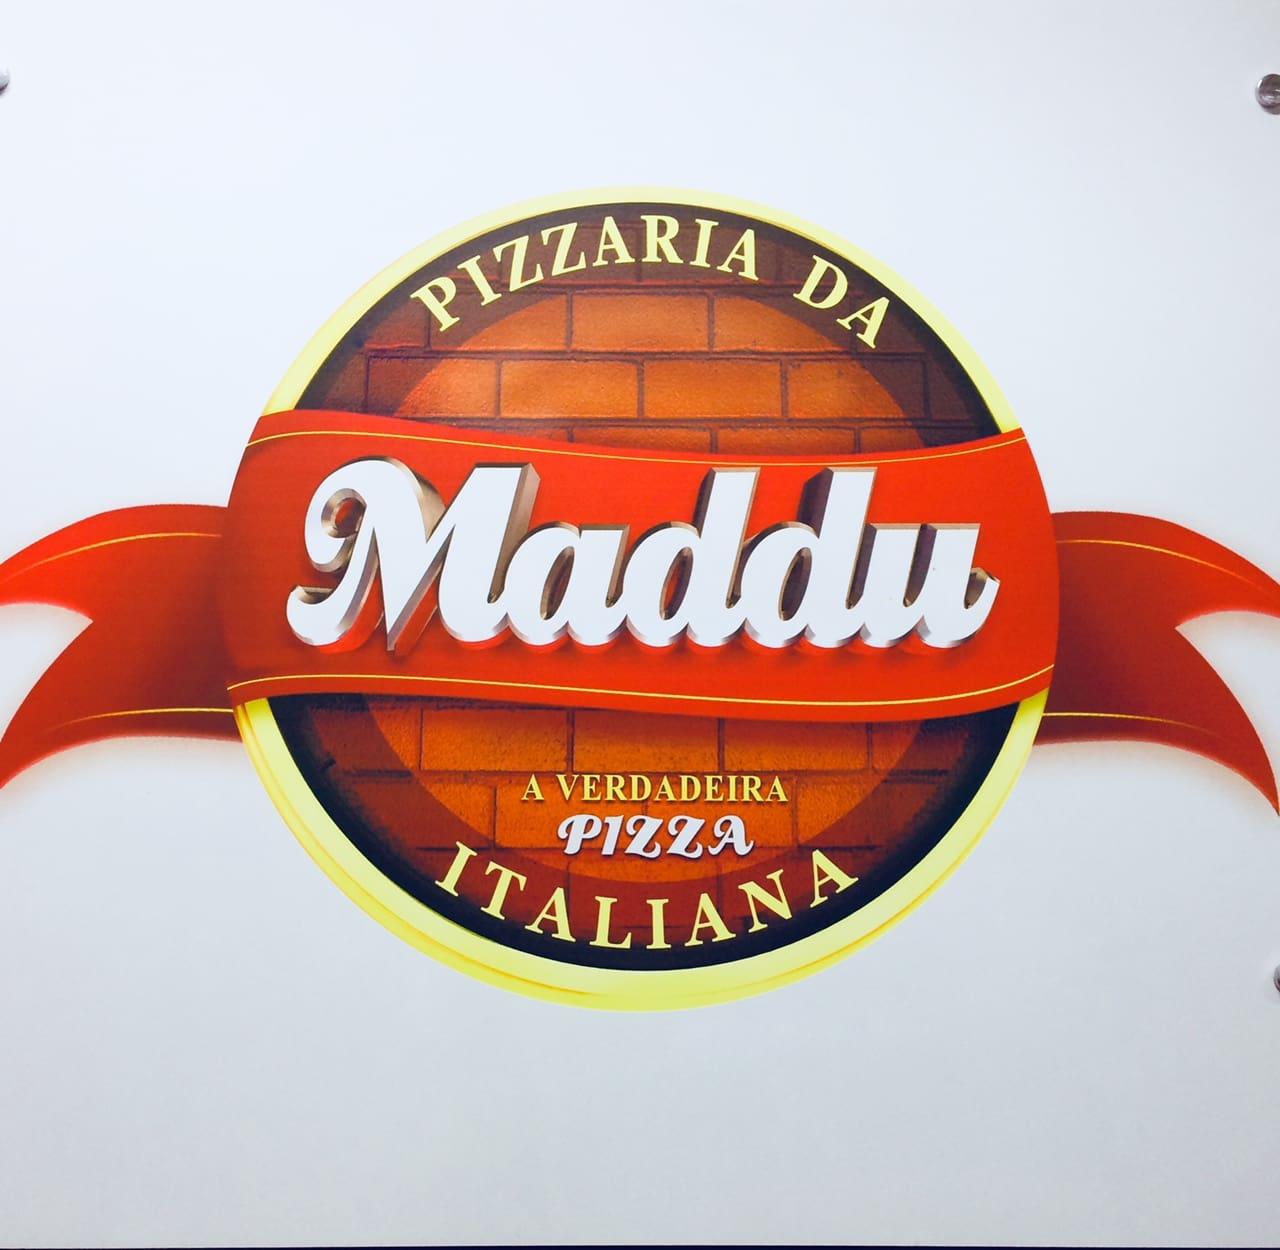 Da Maddu Pizzaria